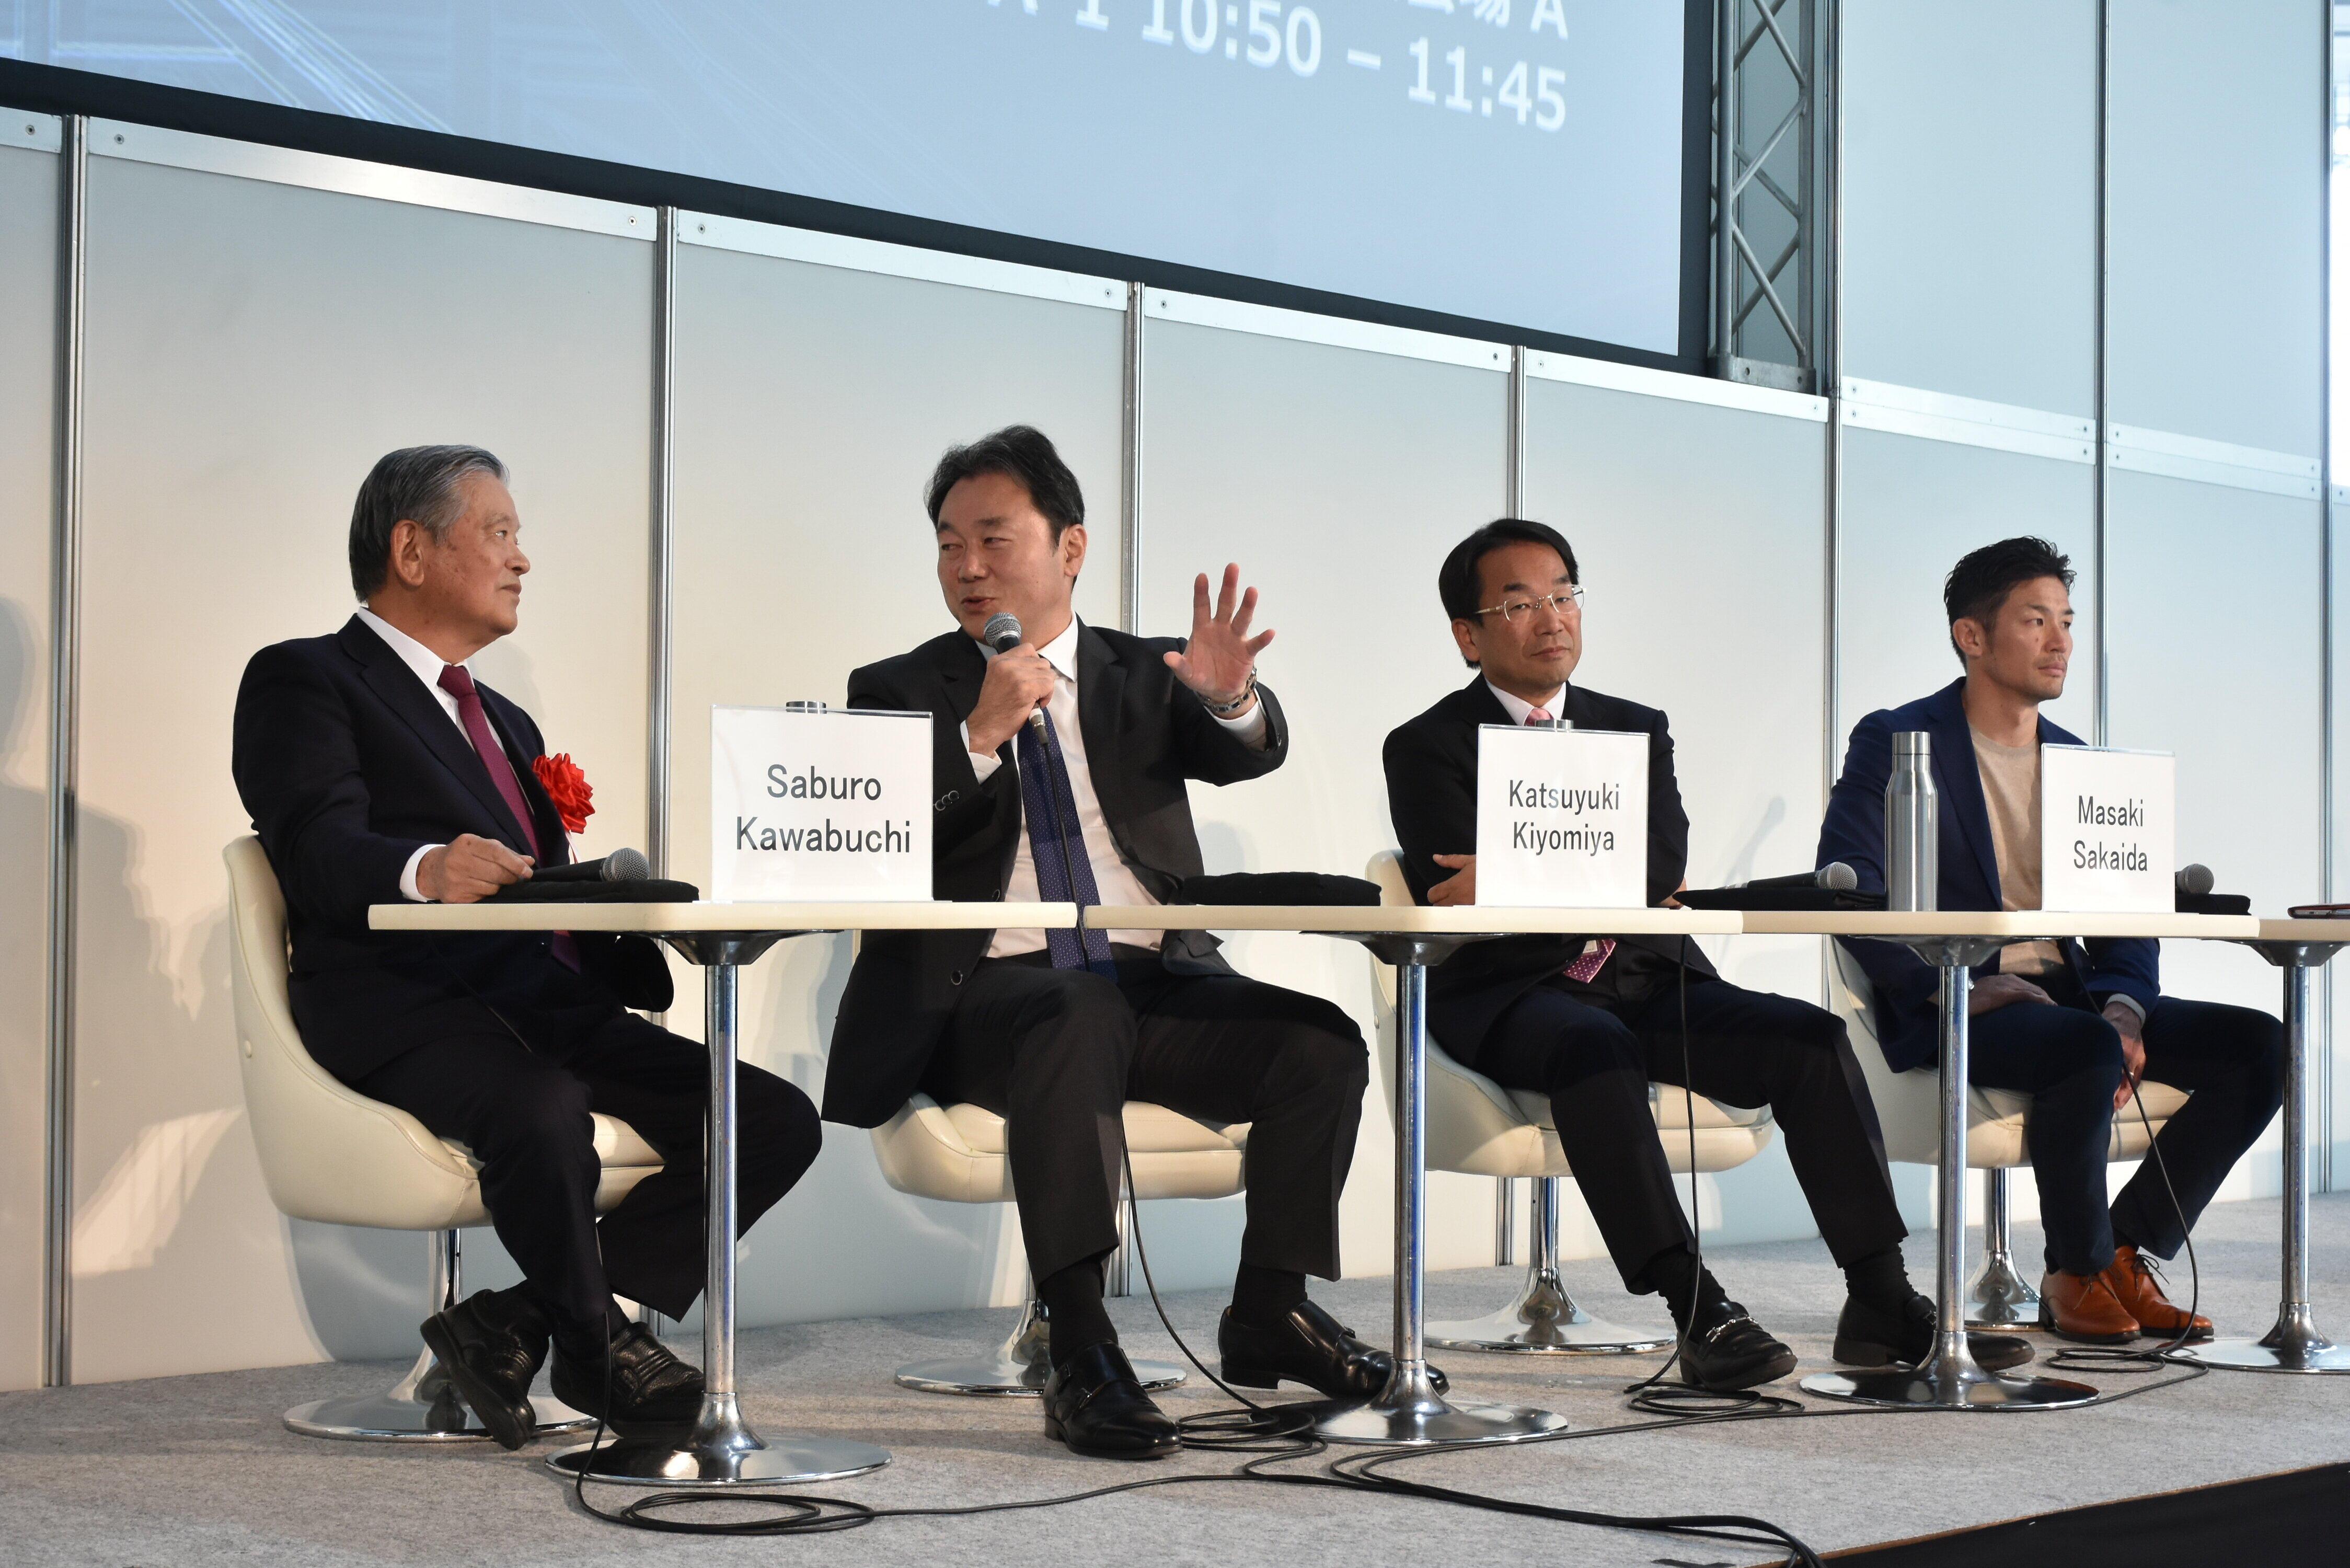 スポーツビジネスの今を知る 「スポーツビジネスジャパン2020」オンライン開催